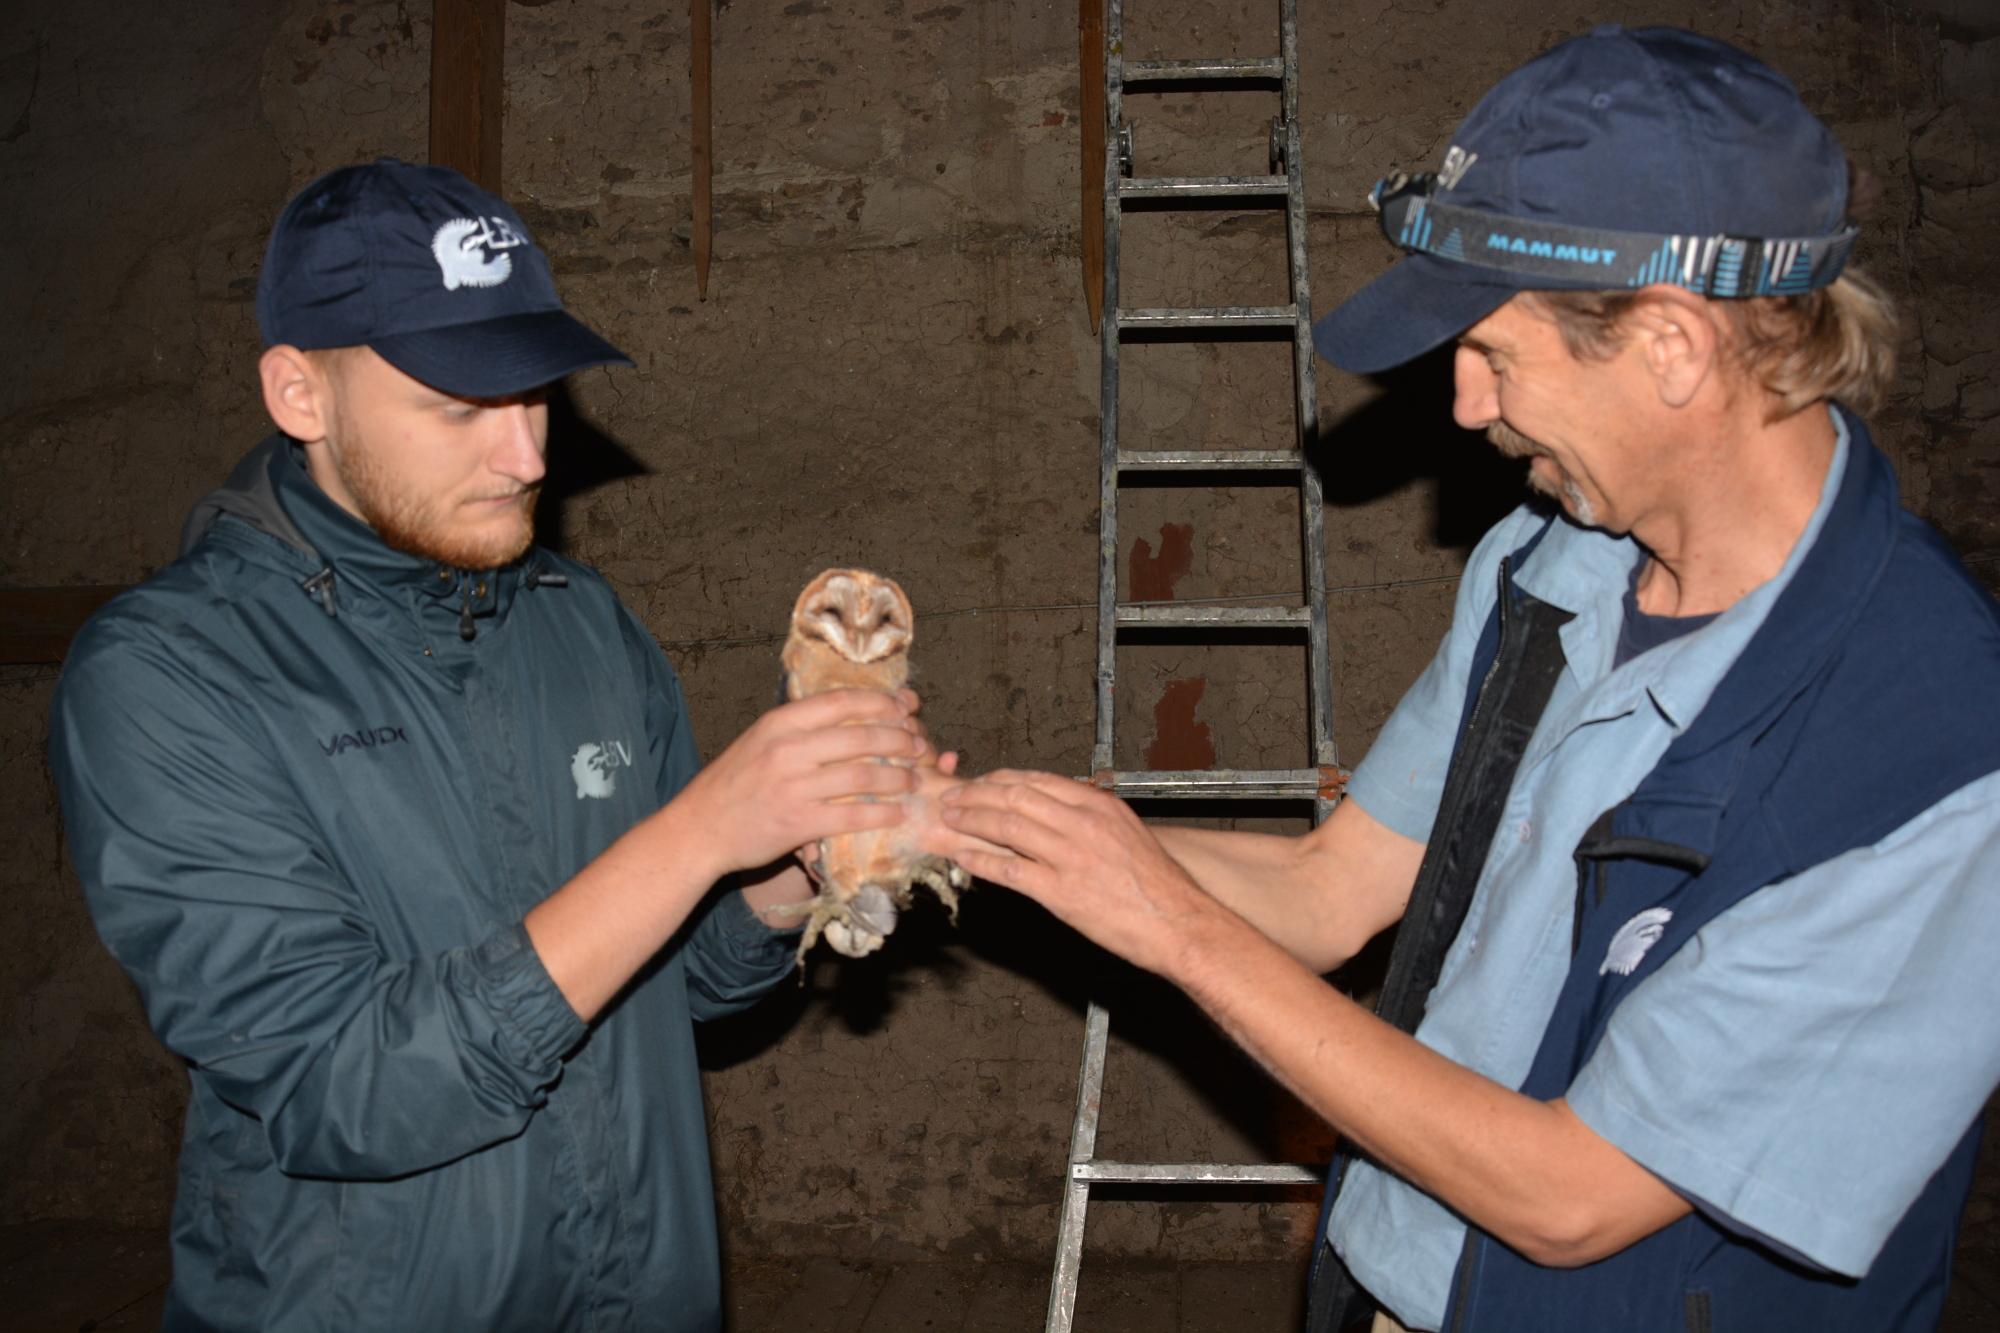 Kommen Sie den Tieren ganz nah. Z.B bei der Pflege von gefundenen oder verletzen Tieren oder der Vogelberingung.